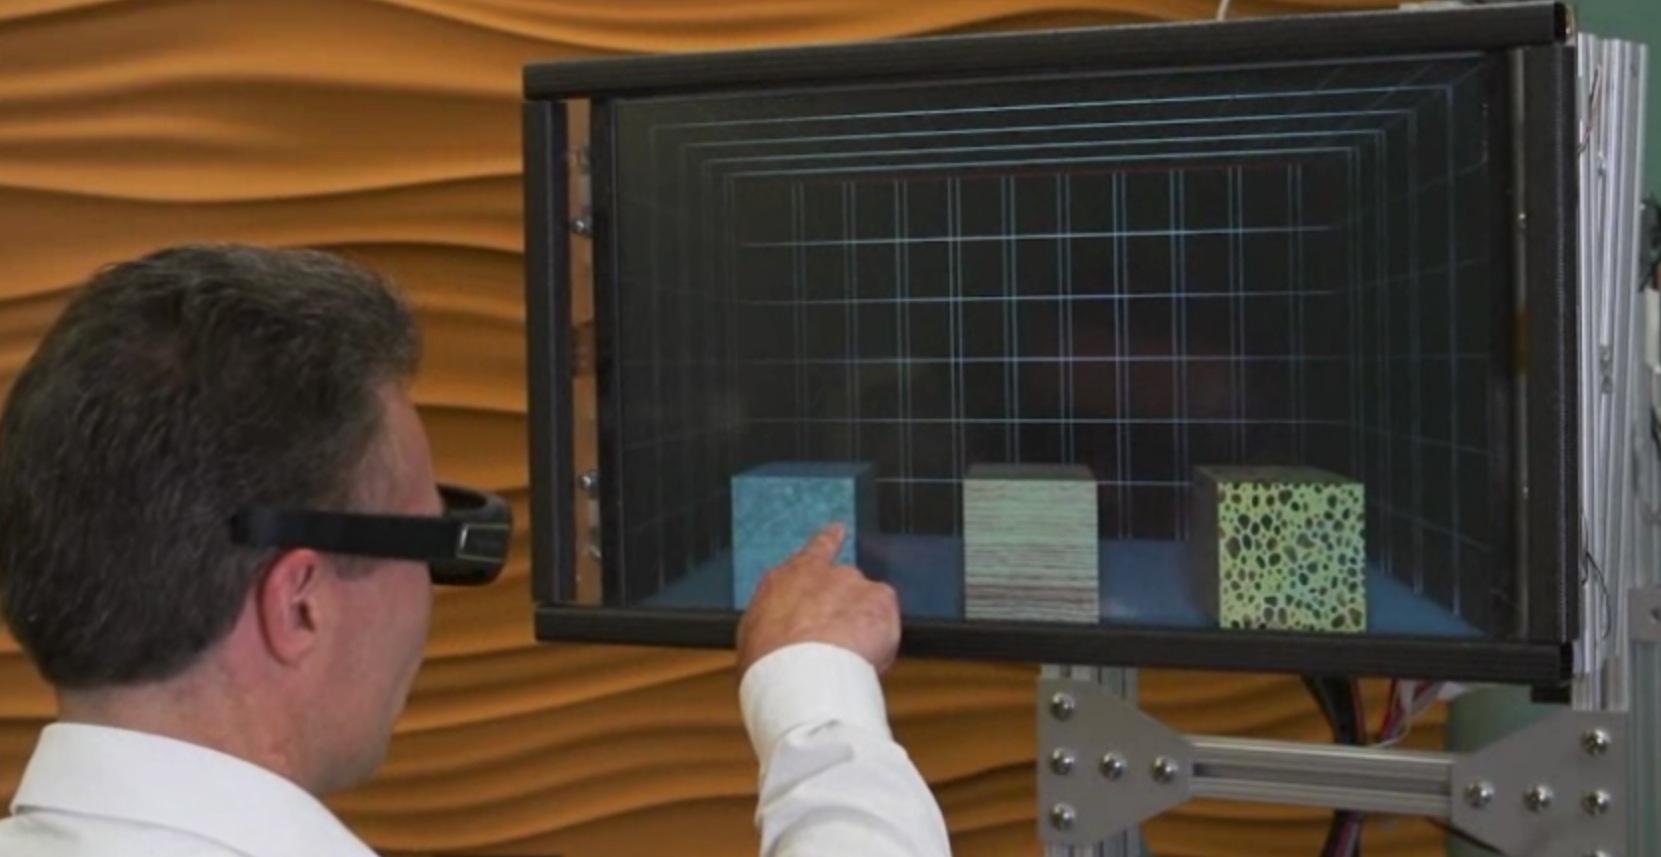 Microsoft immagina la tecnologia di domani: schermi tattili